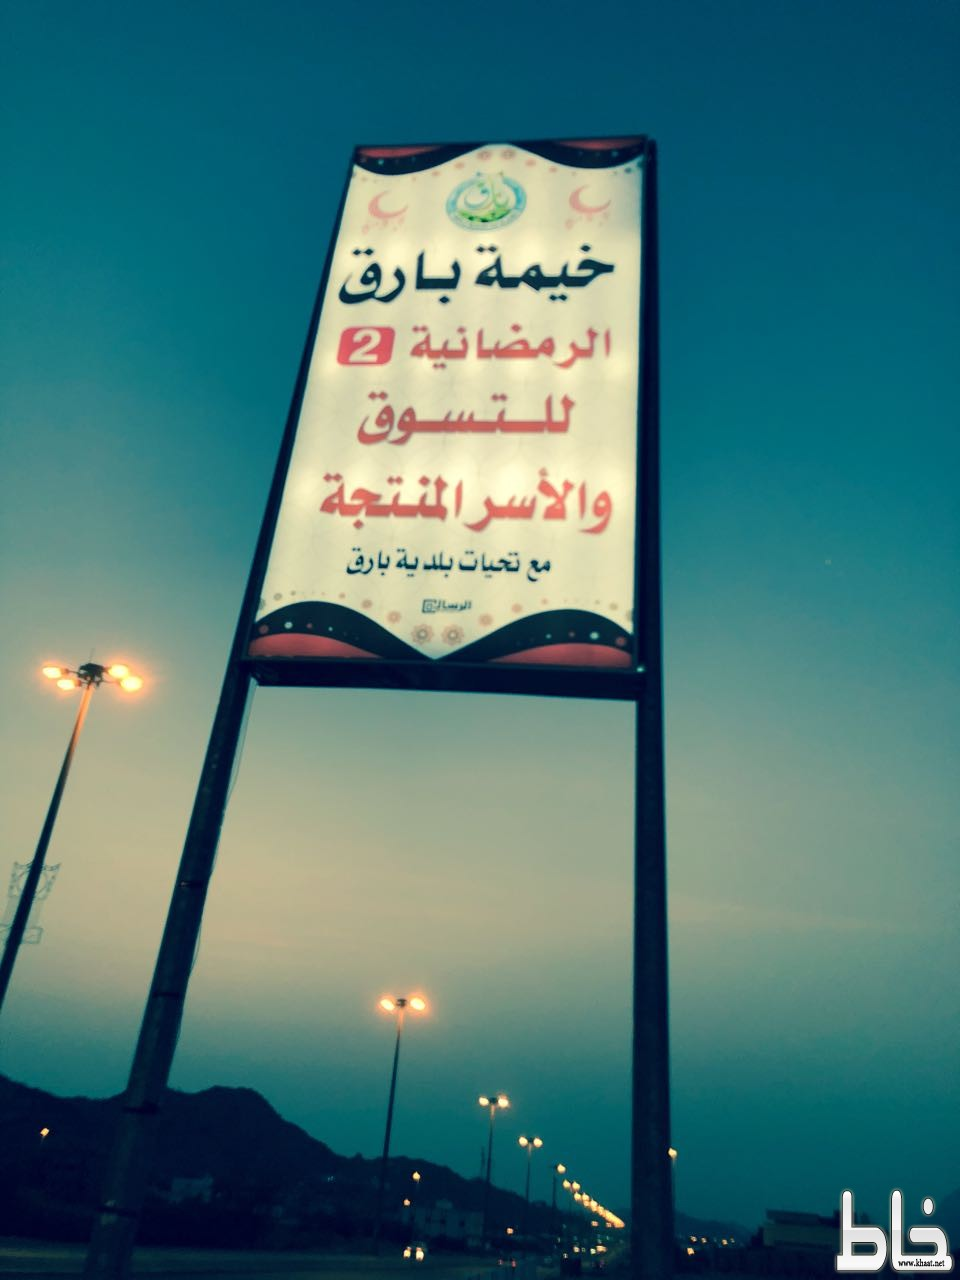 بلدية بارق تنهي استعداداتها لاستقبال شهر رمضان المبارك